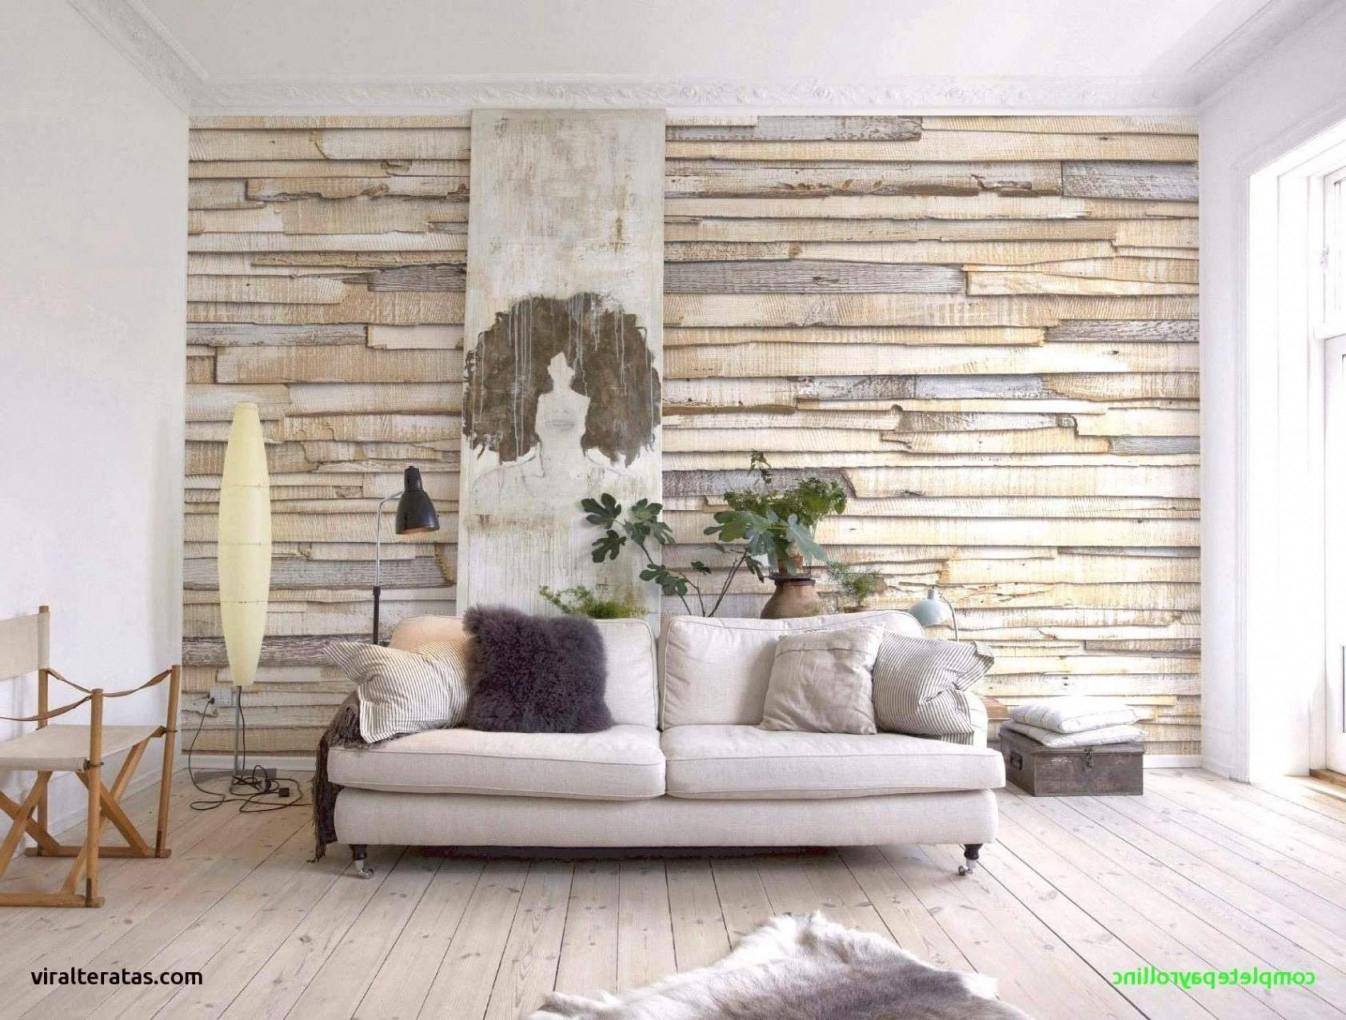 Wohnzimmer Tapeten Vorschläge Inspirierend Tapeten von Wohnzimmer Tapeten Vorschläge Bild